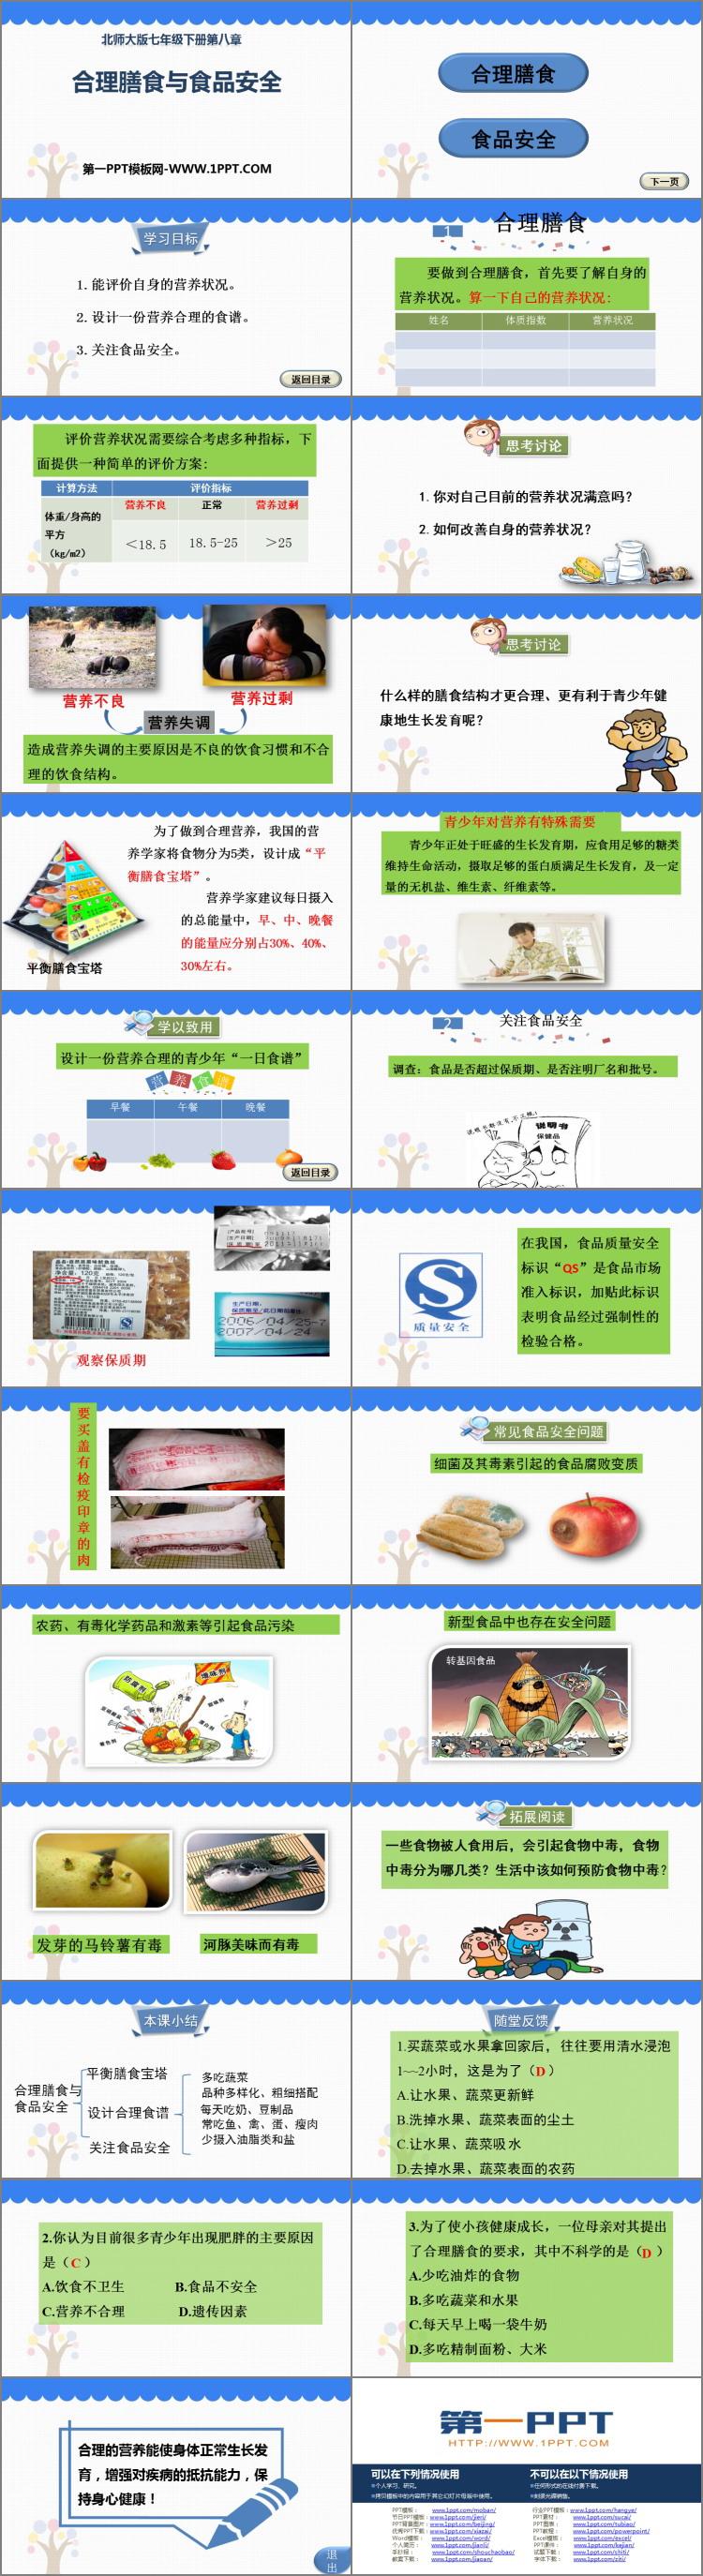 《合理膳食�c食品安全》PPT免�M�n件